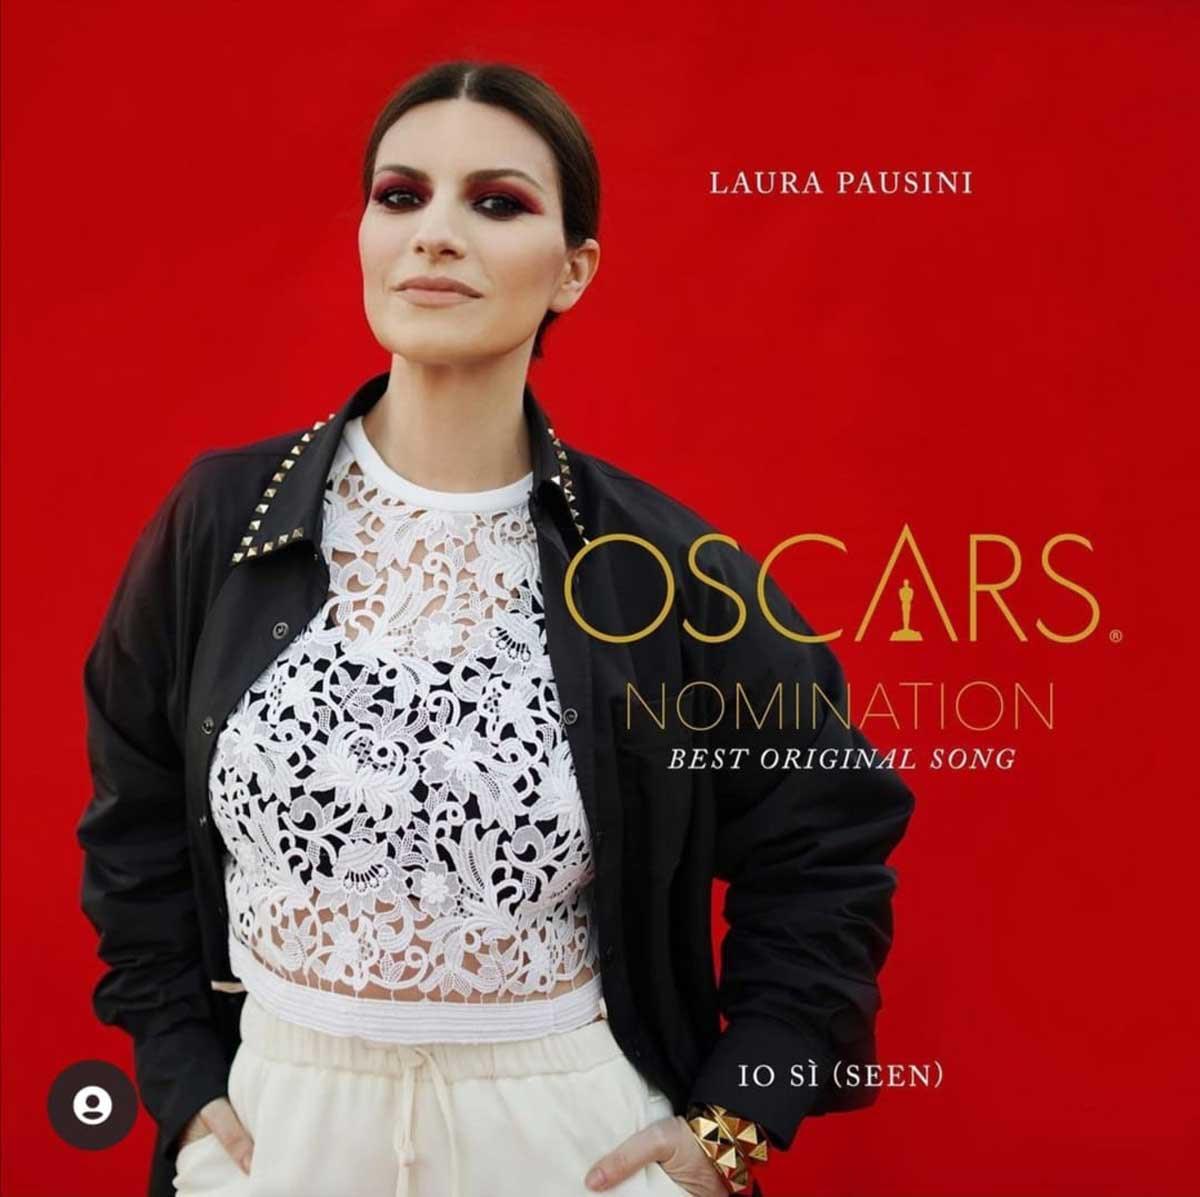 Laura Pausini ahora va por el Oscar